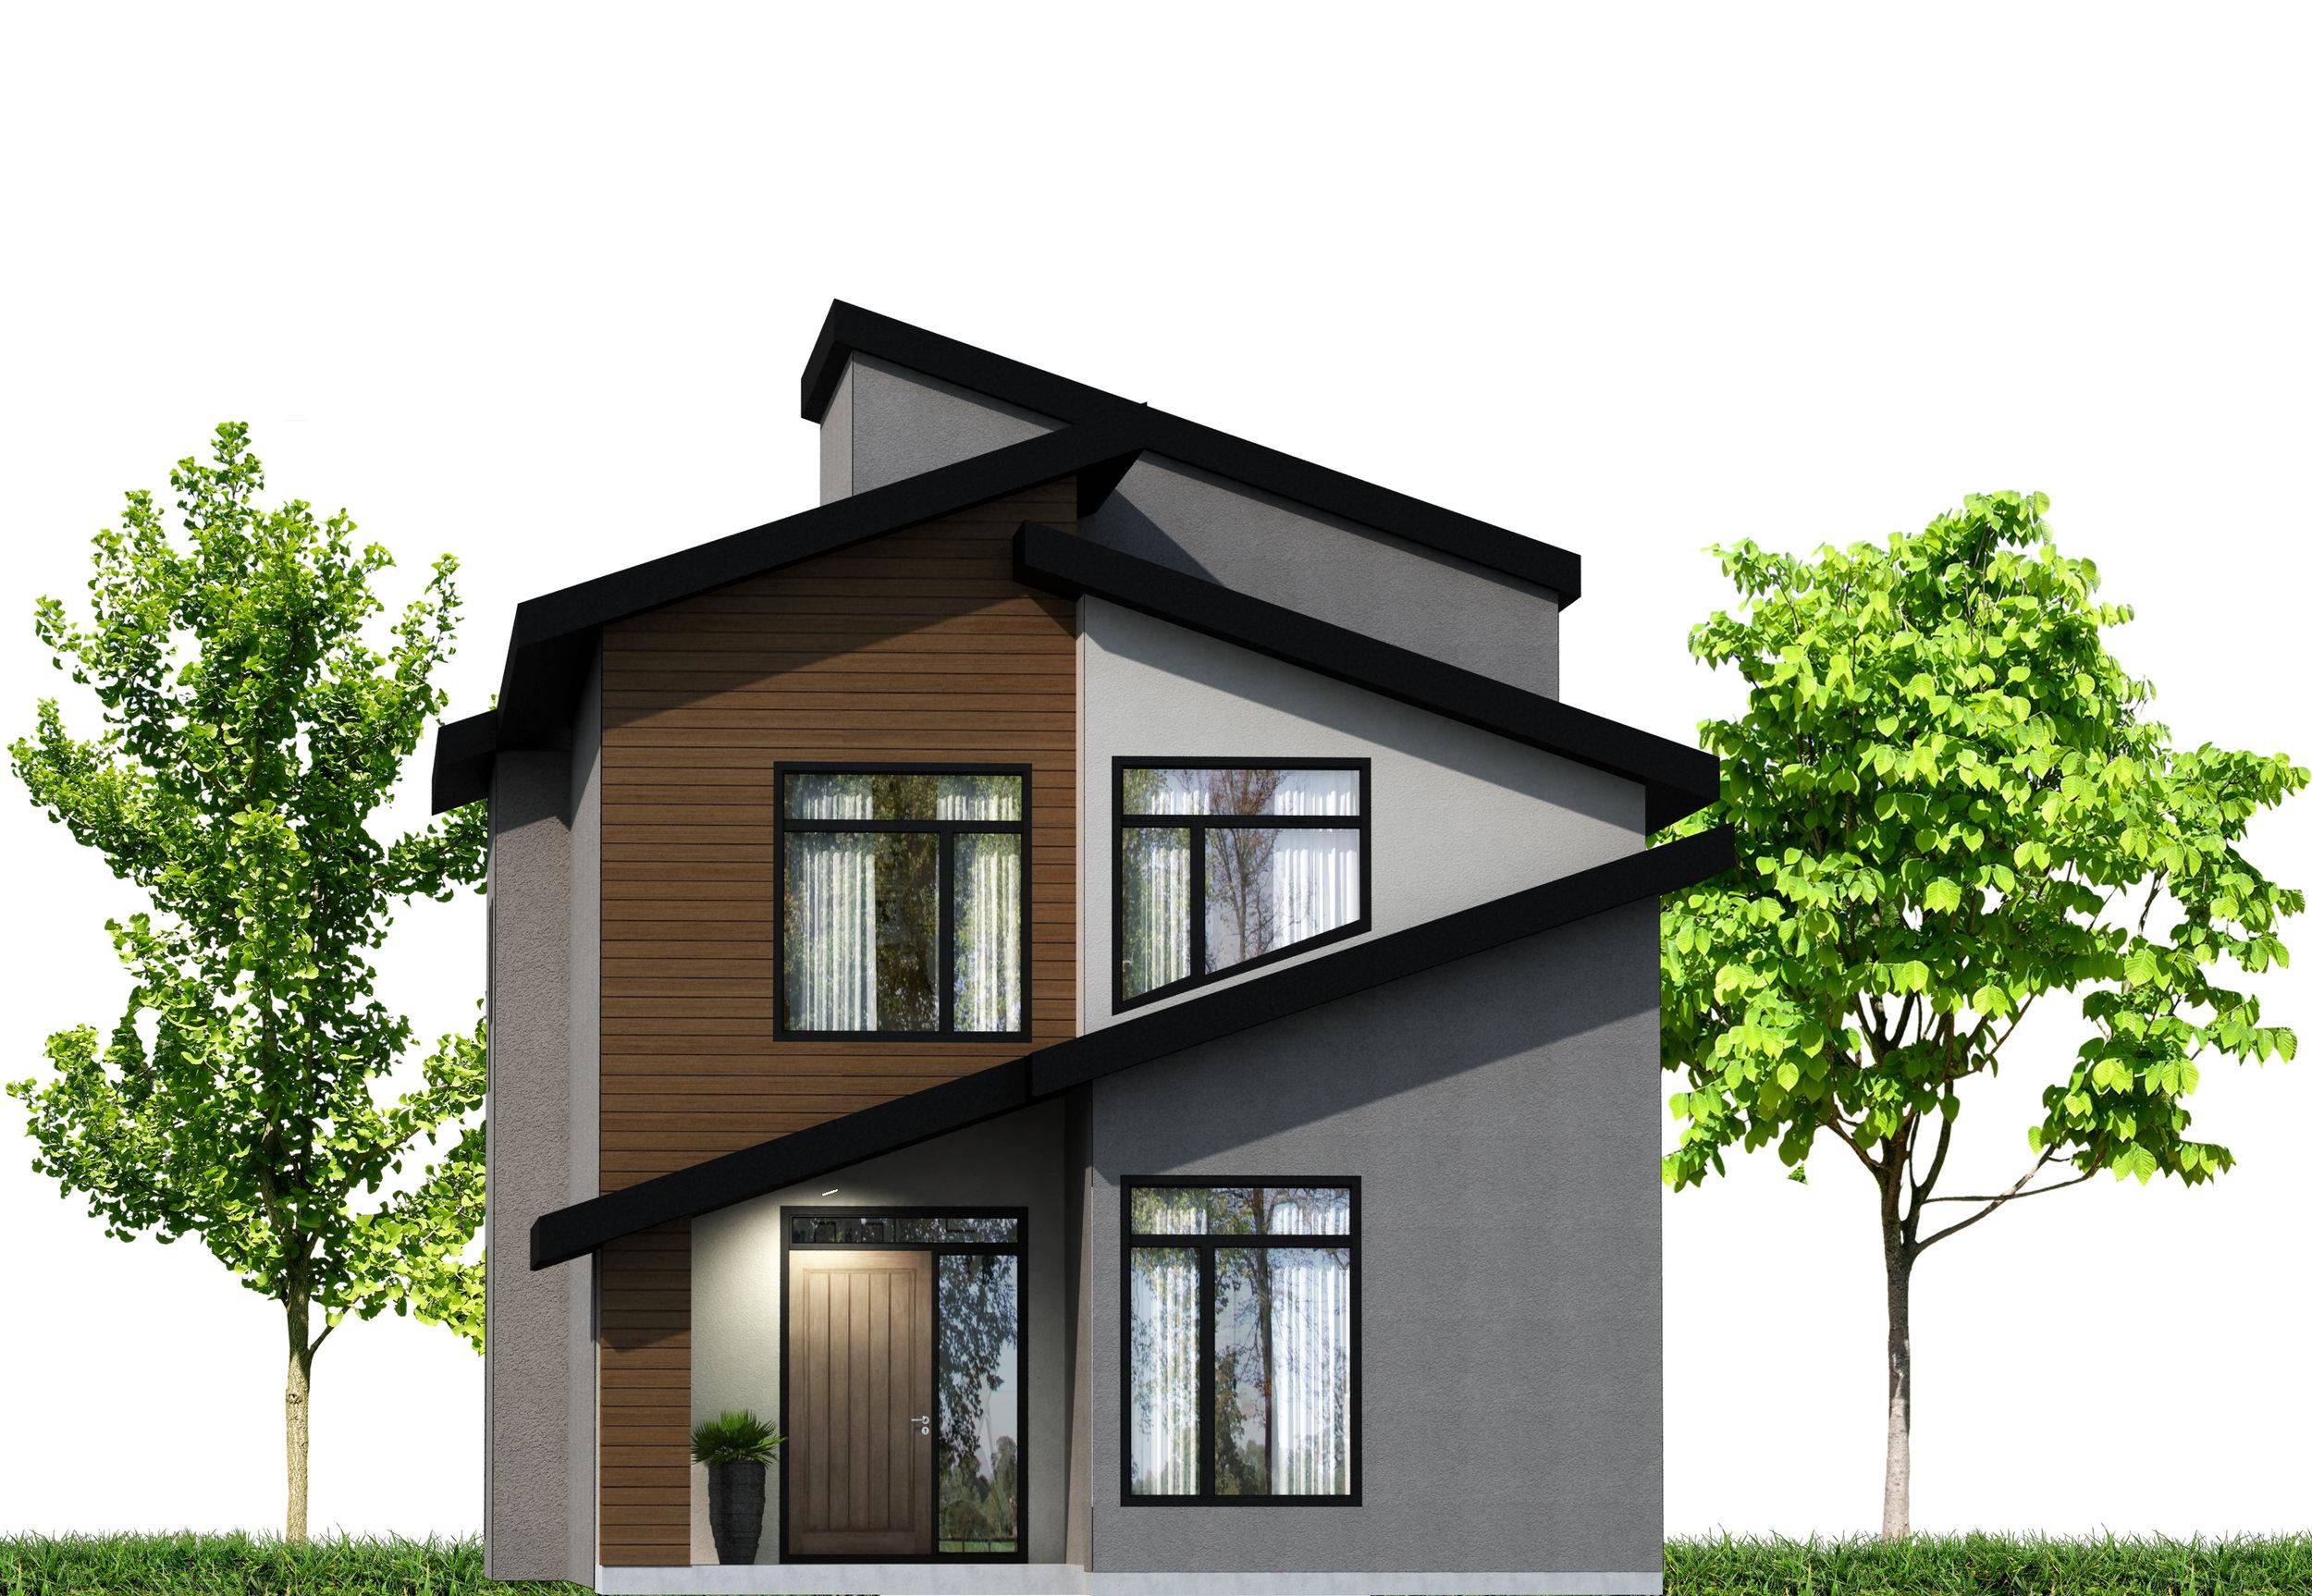 012418 Lot 16B Rendering.jpg